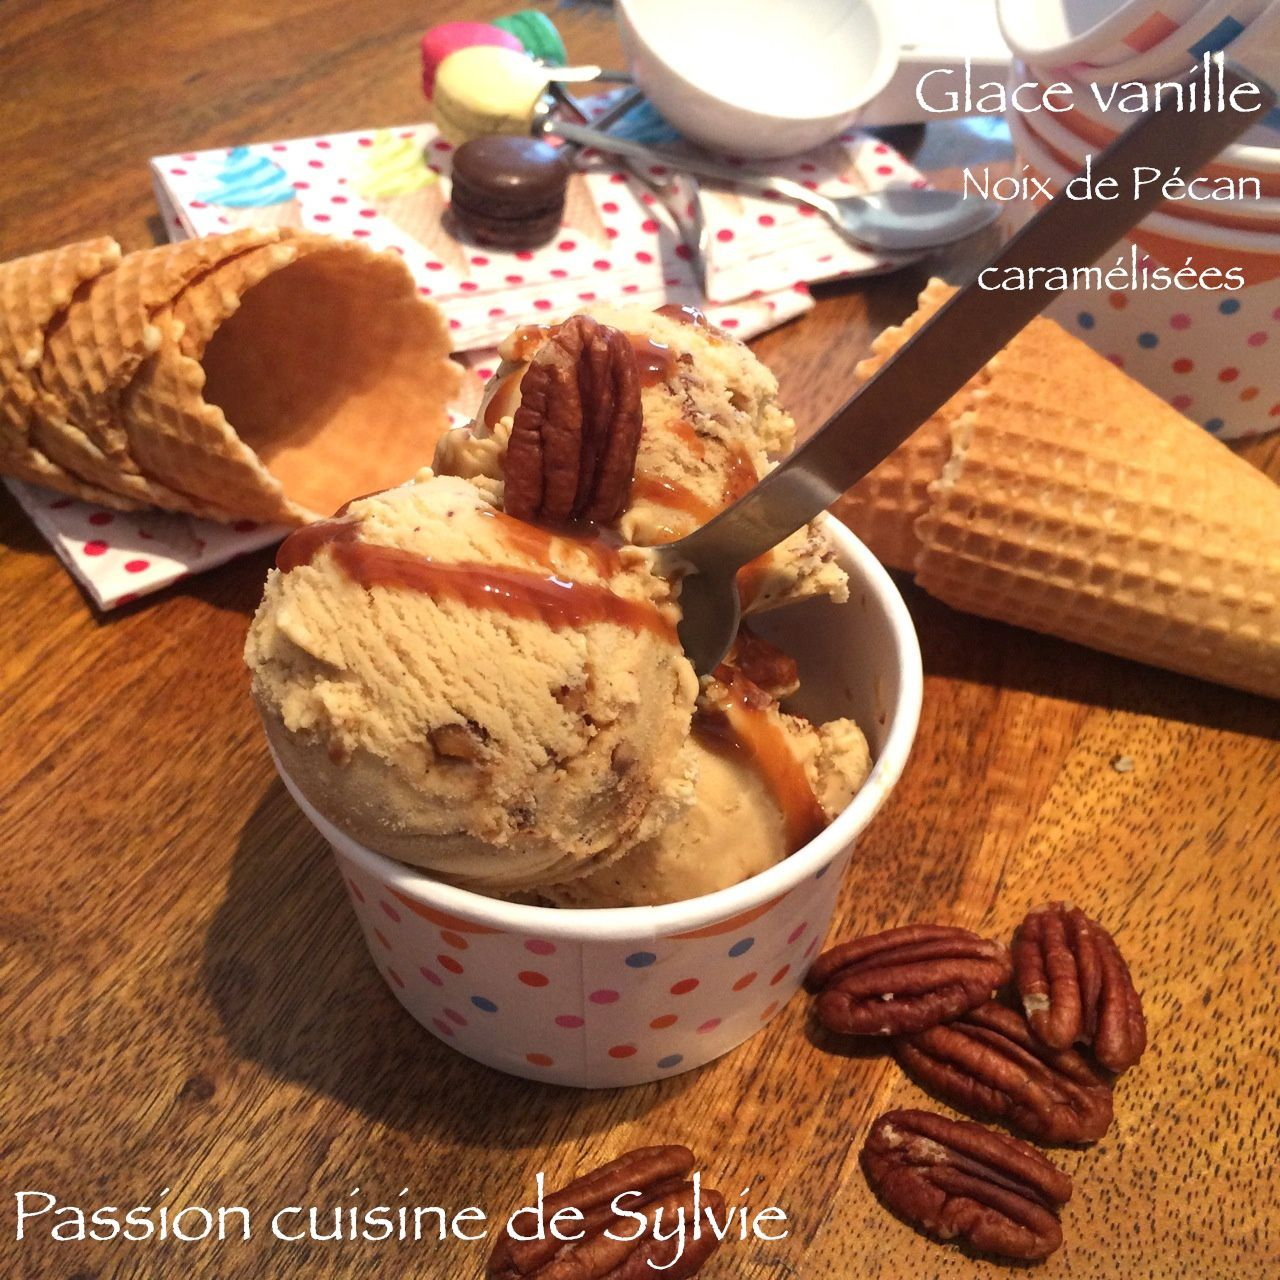 Glace vanille noix de Pécan caramélisées